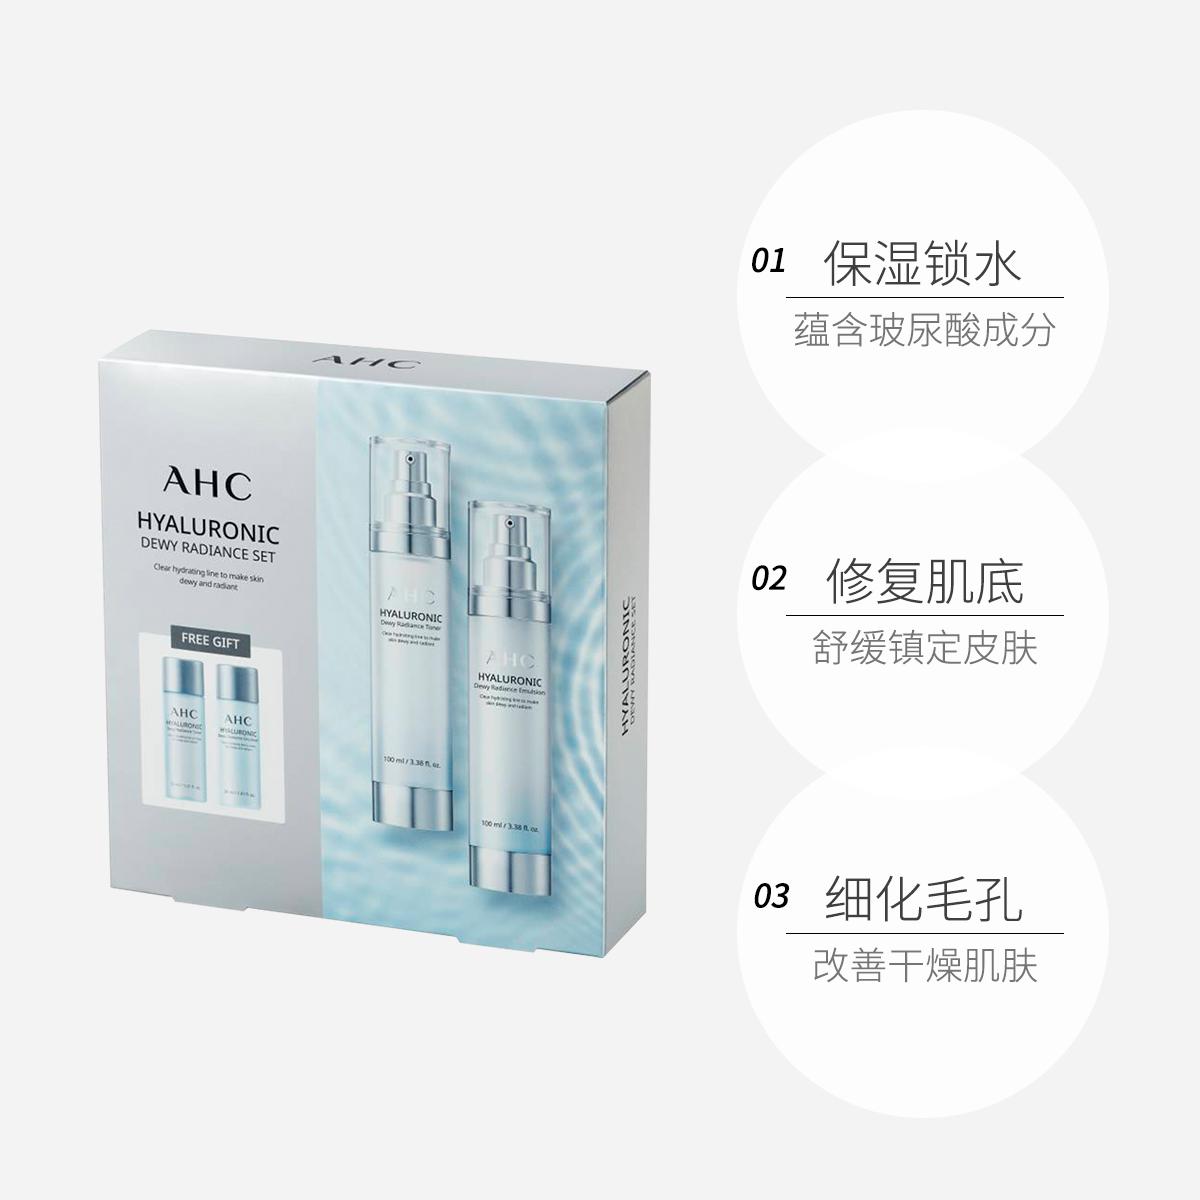 【直营】韩国AHC水乳小神仙水护肤套装透明质酸温和补水透亮保湿